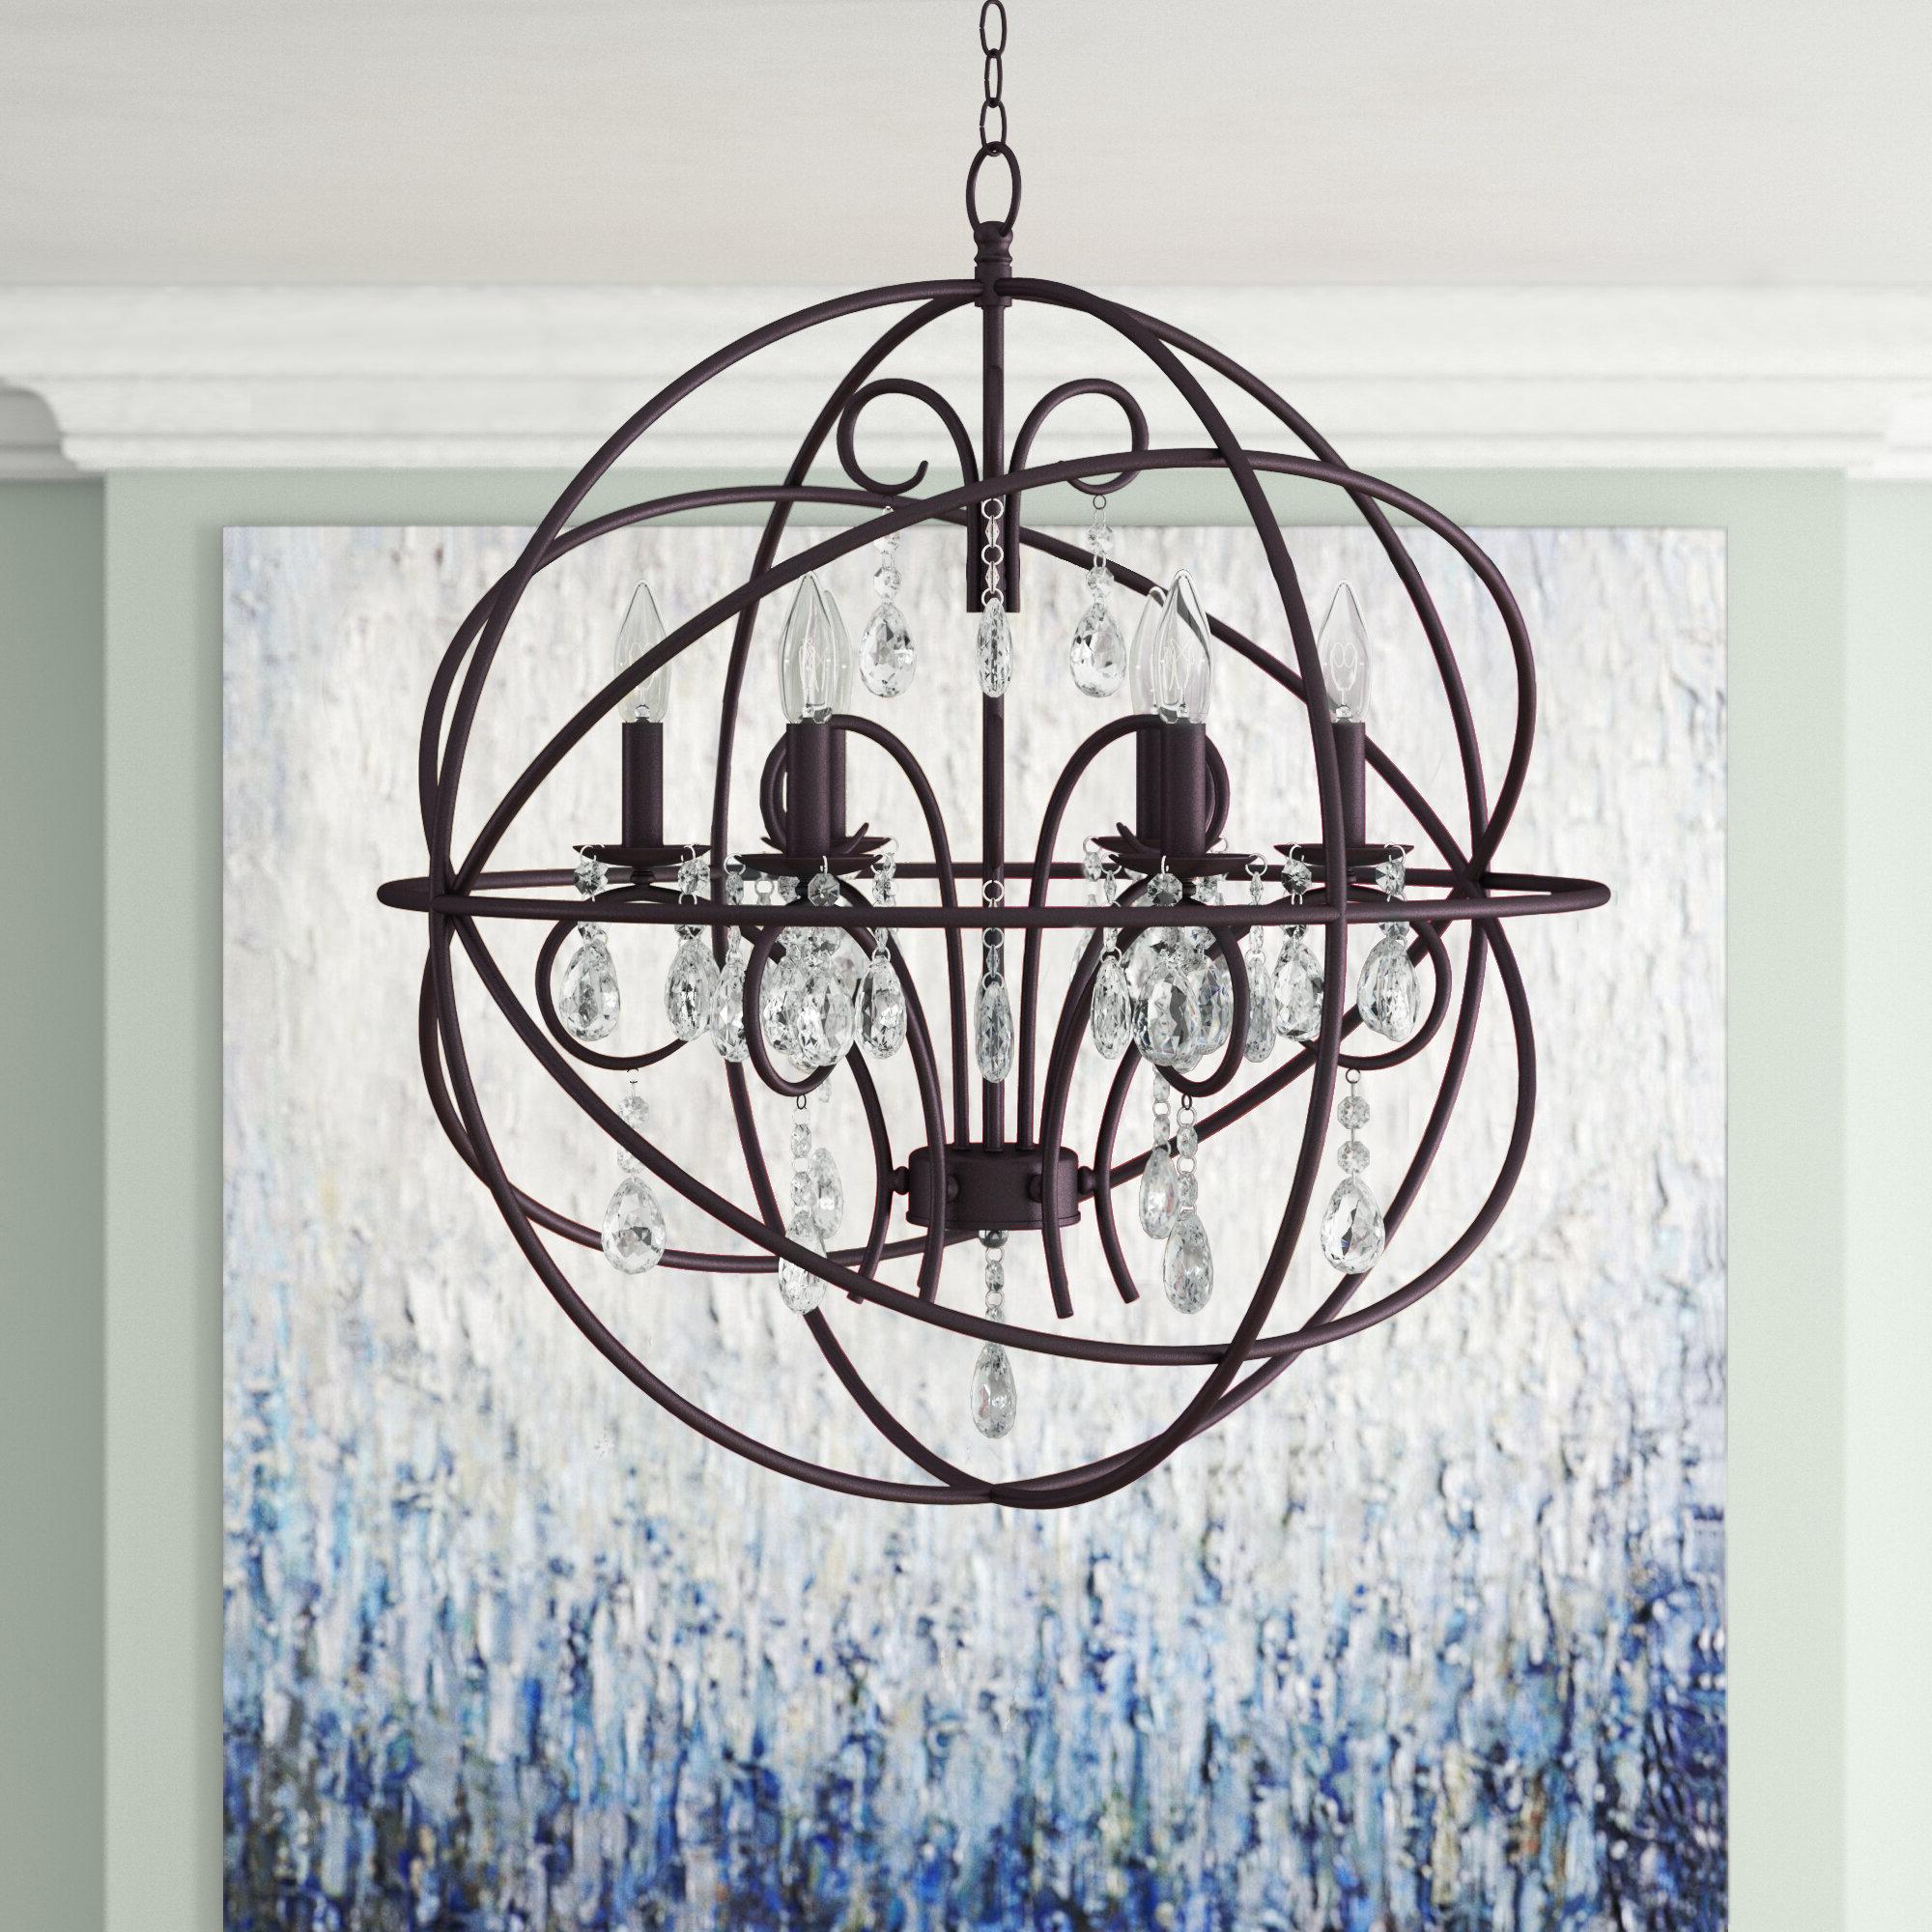 Current Gregoire 6 Light Globe Chandeliers In Willa Arlo Interiors Alden 6 Light Globe Chandelier (View 24 of 25)